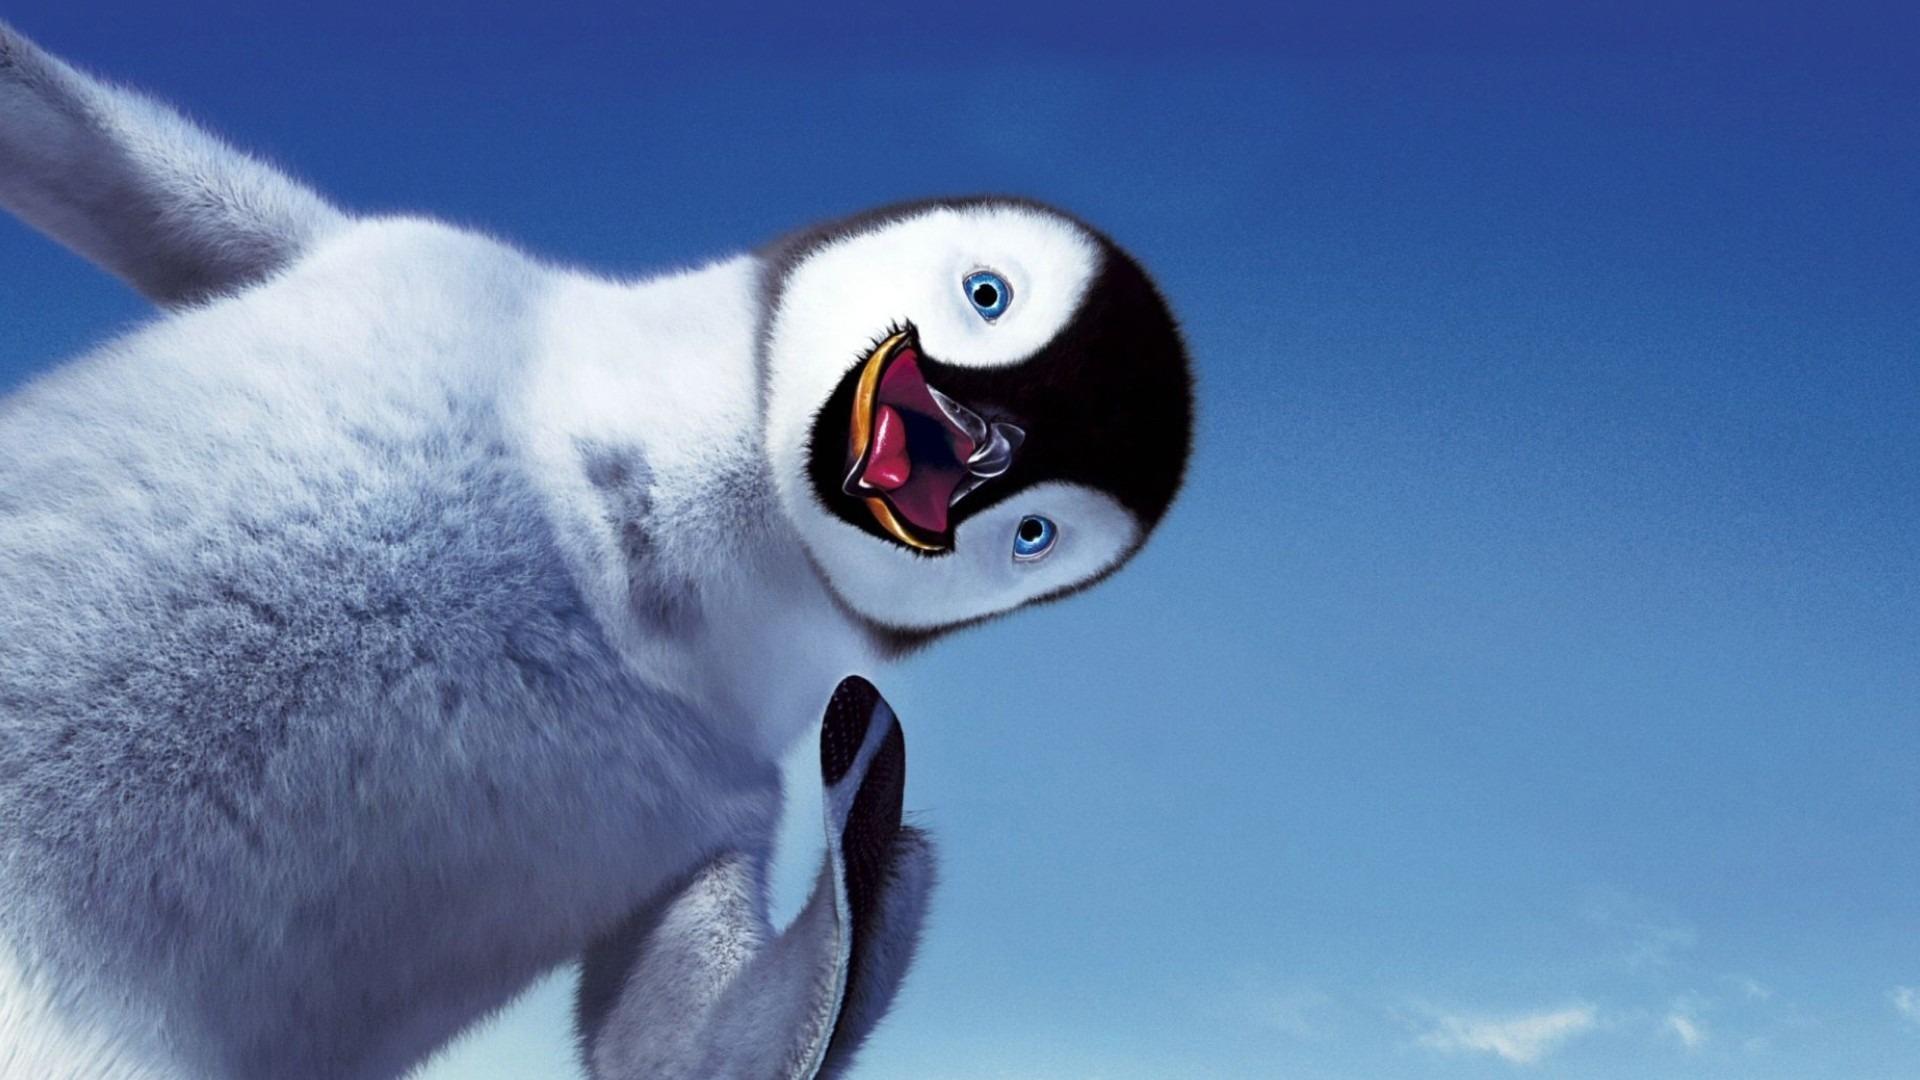 Фото, пингвин на фоне неба, обои для рабочего стола